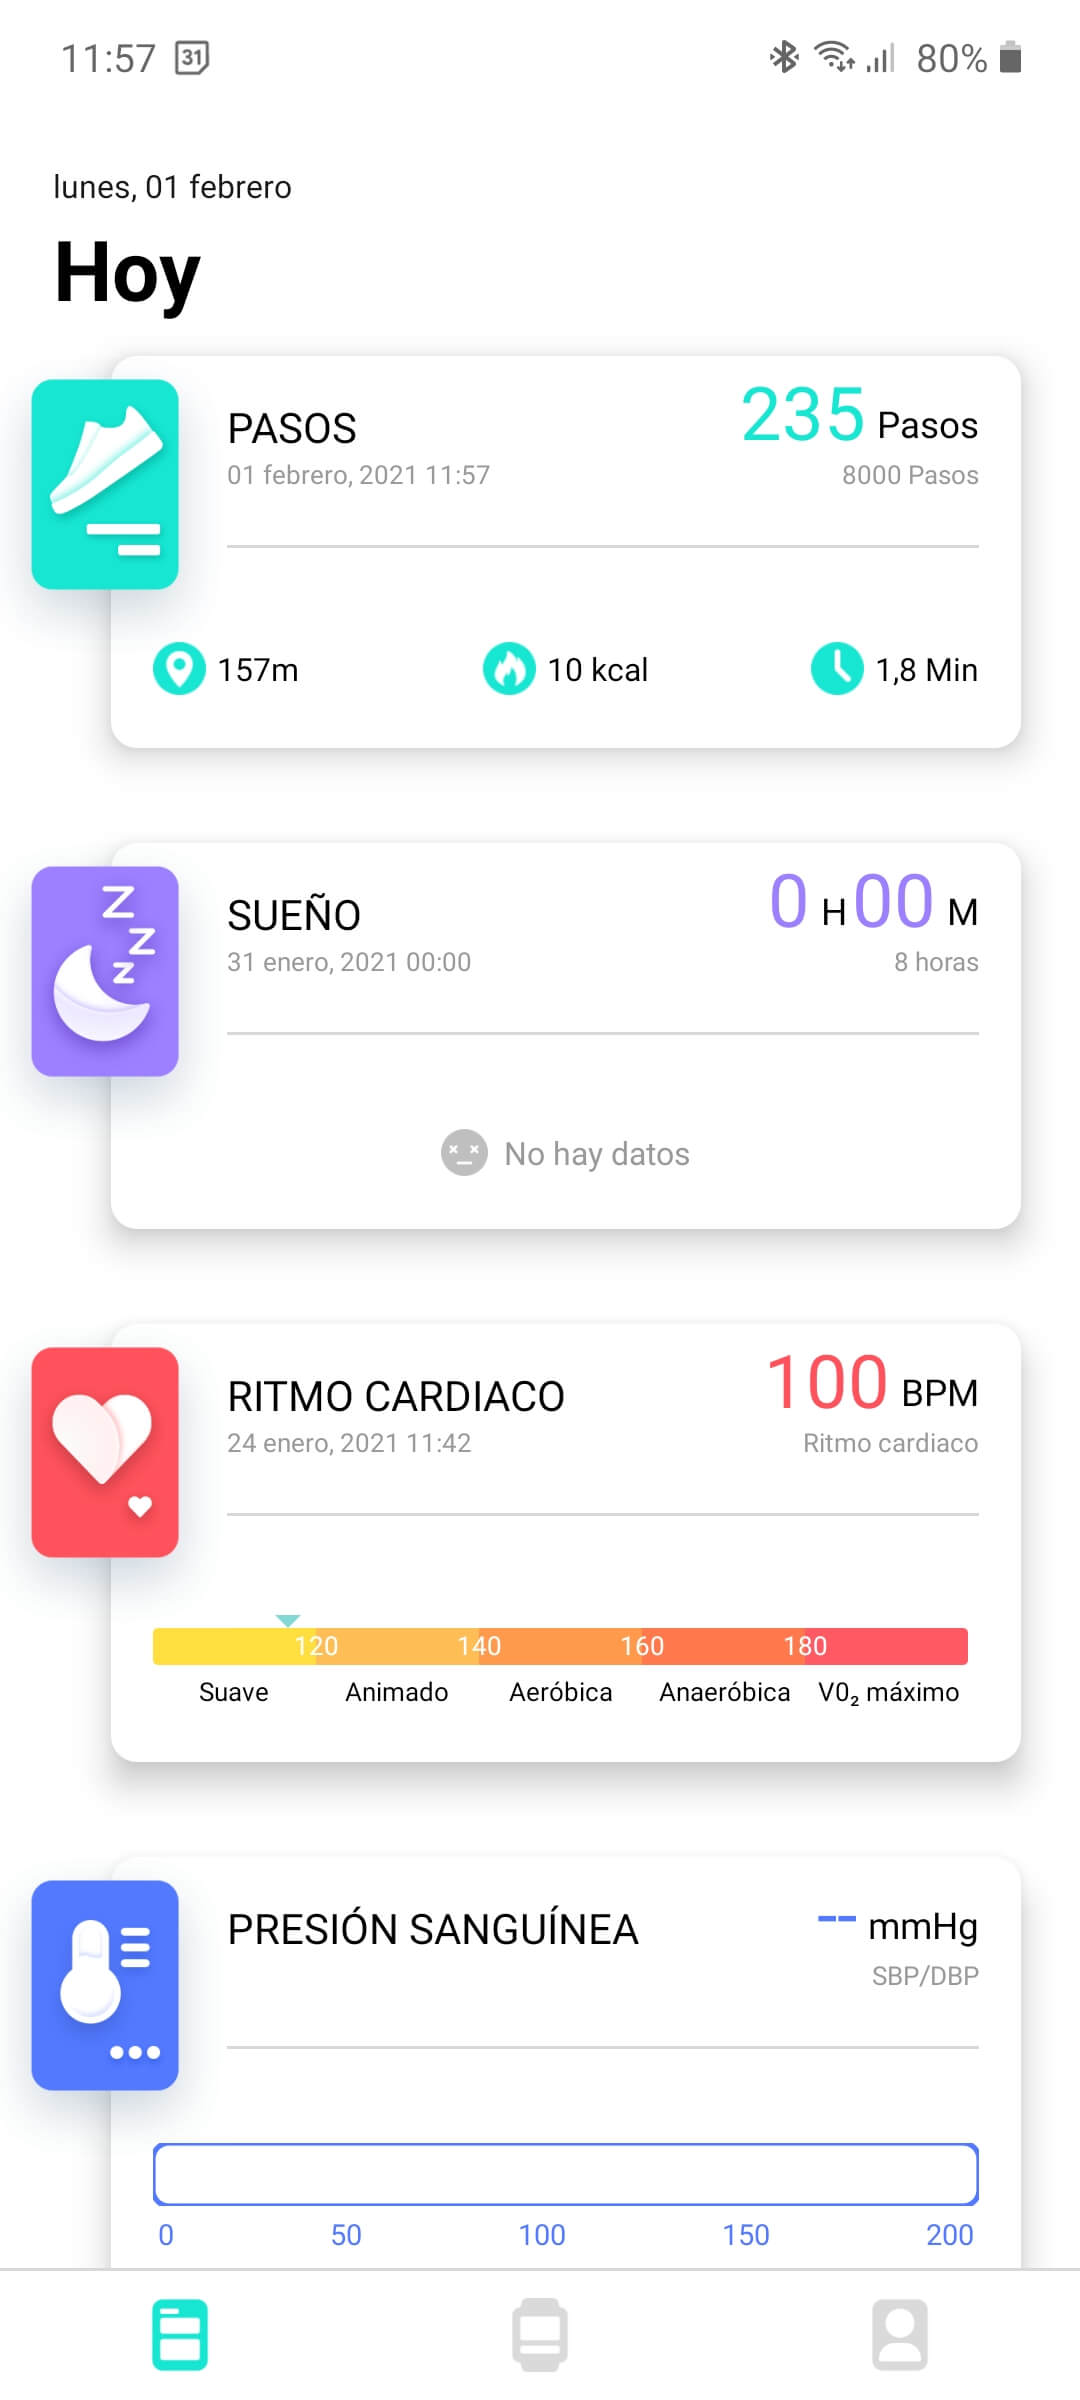 Review Hyundai Pulse 4 P240: Decente smartwatch a un buen precio